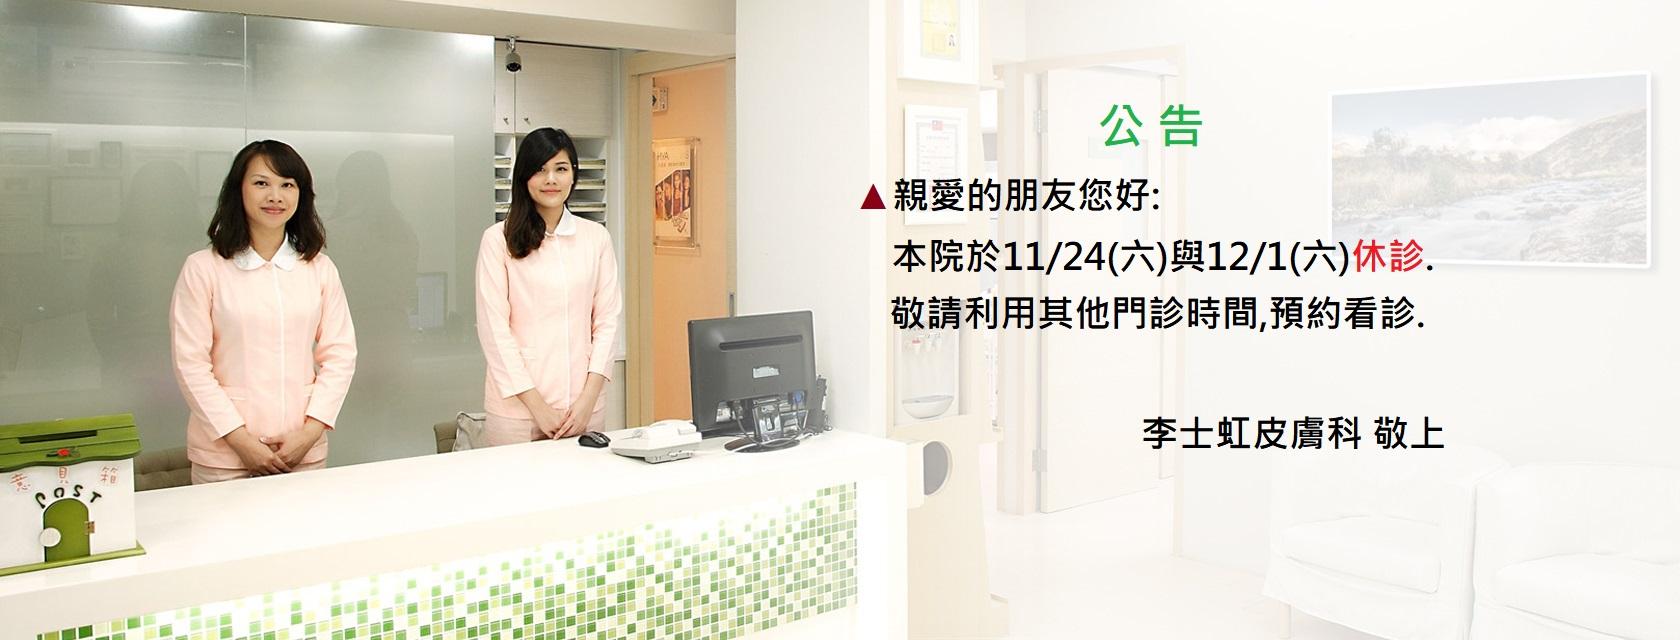 李士虹皮膚科網站底圖banner - 複製 (7)